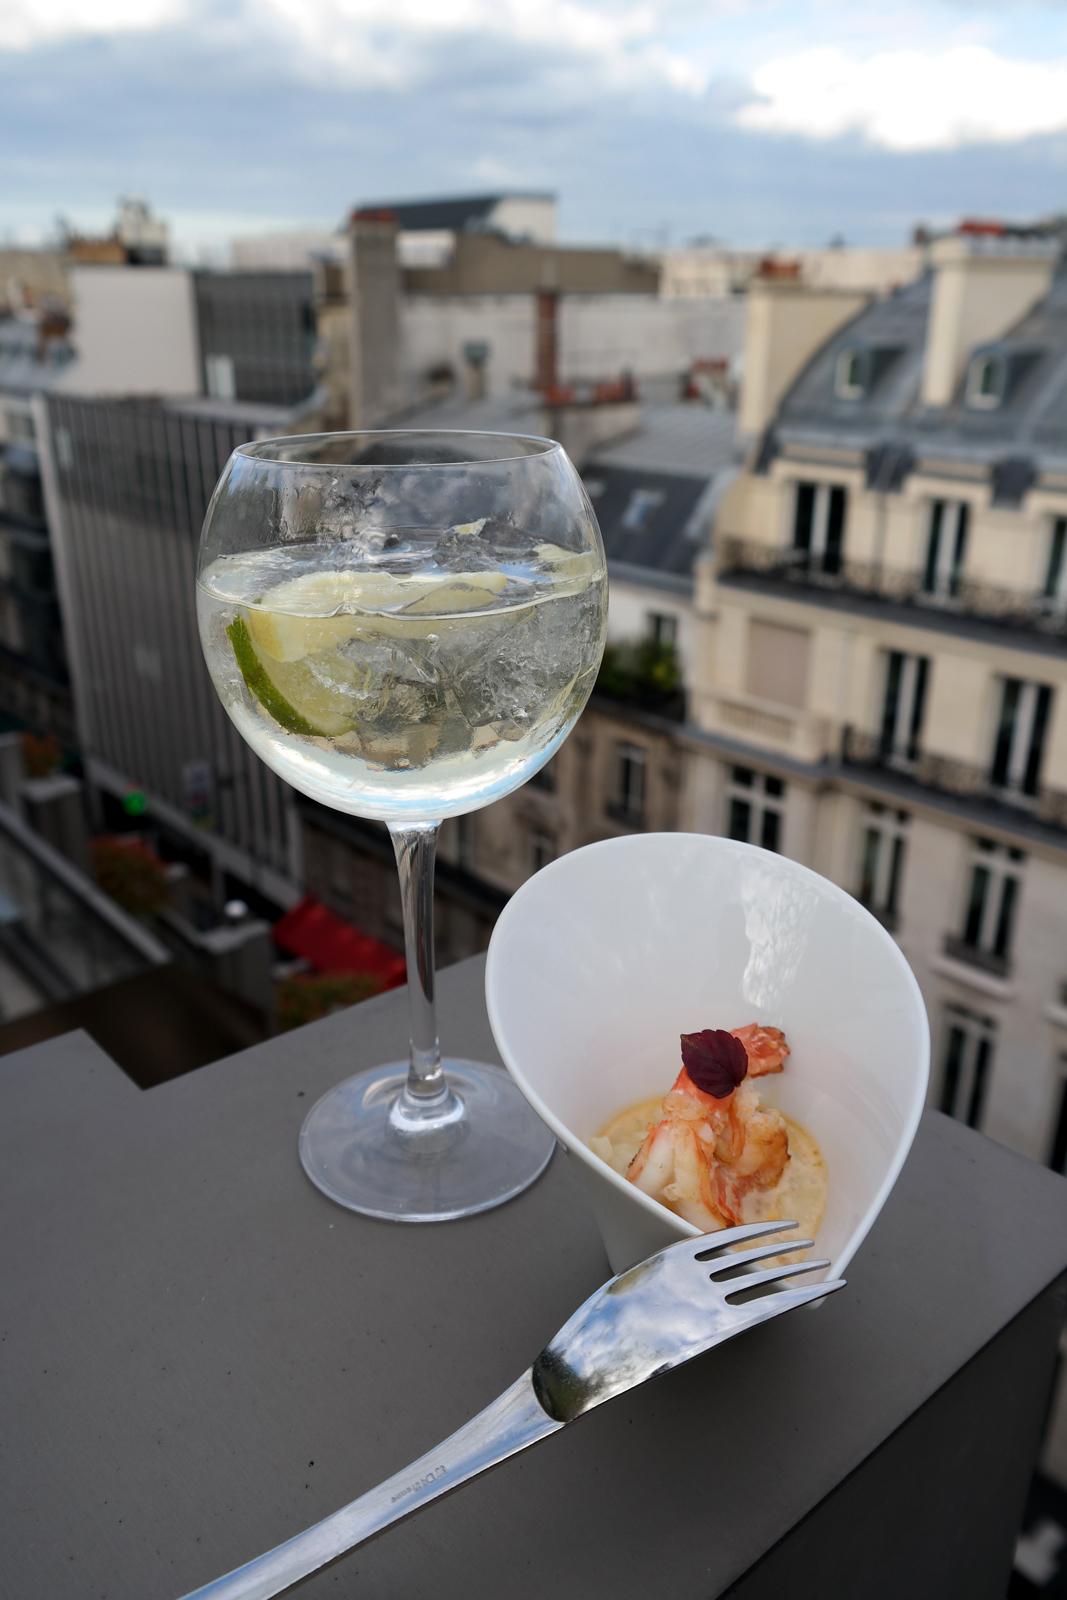 Gambas-à-la-plancha-risotto-au-pecorino-affiné-consommé-de-crustacés-carte-restaurant-le-W-chef-Ludovic-Bonneville-Hotel-Warwick-Champs-Elysees-photo-united-states-of-paris